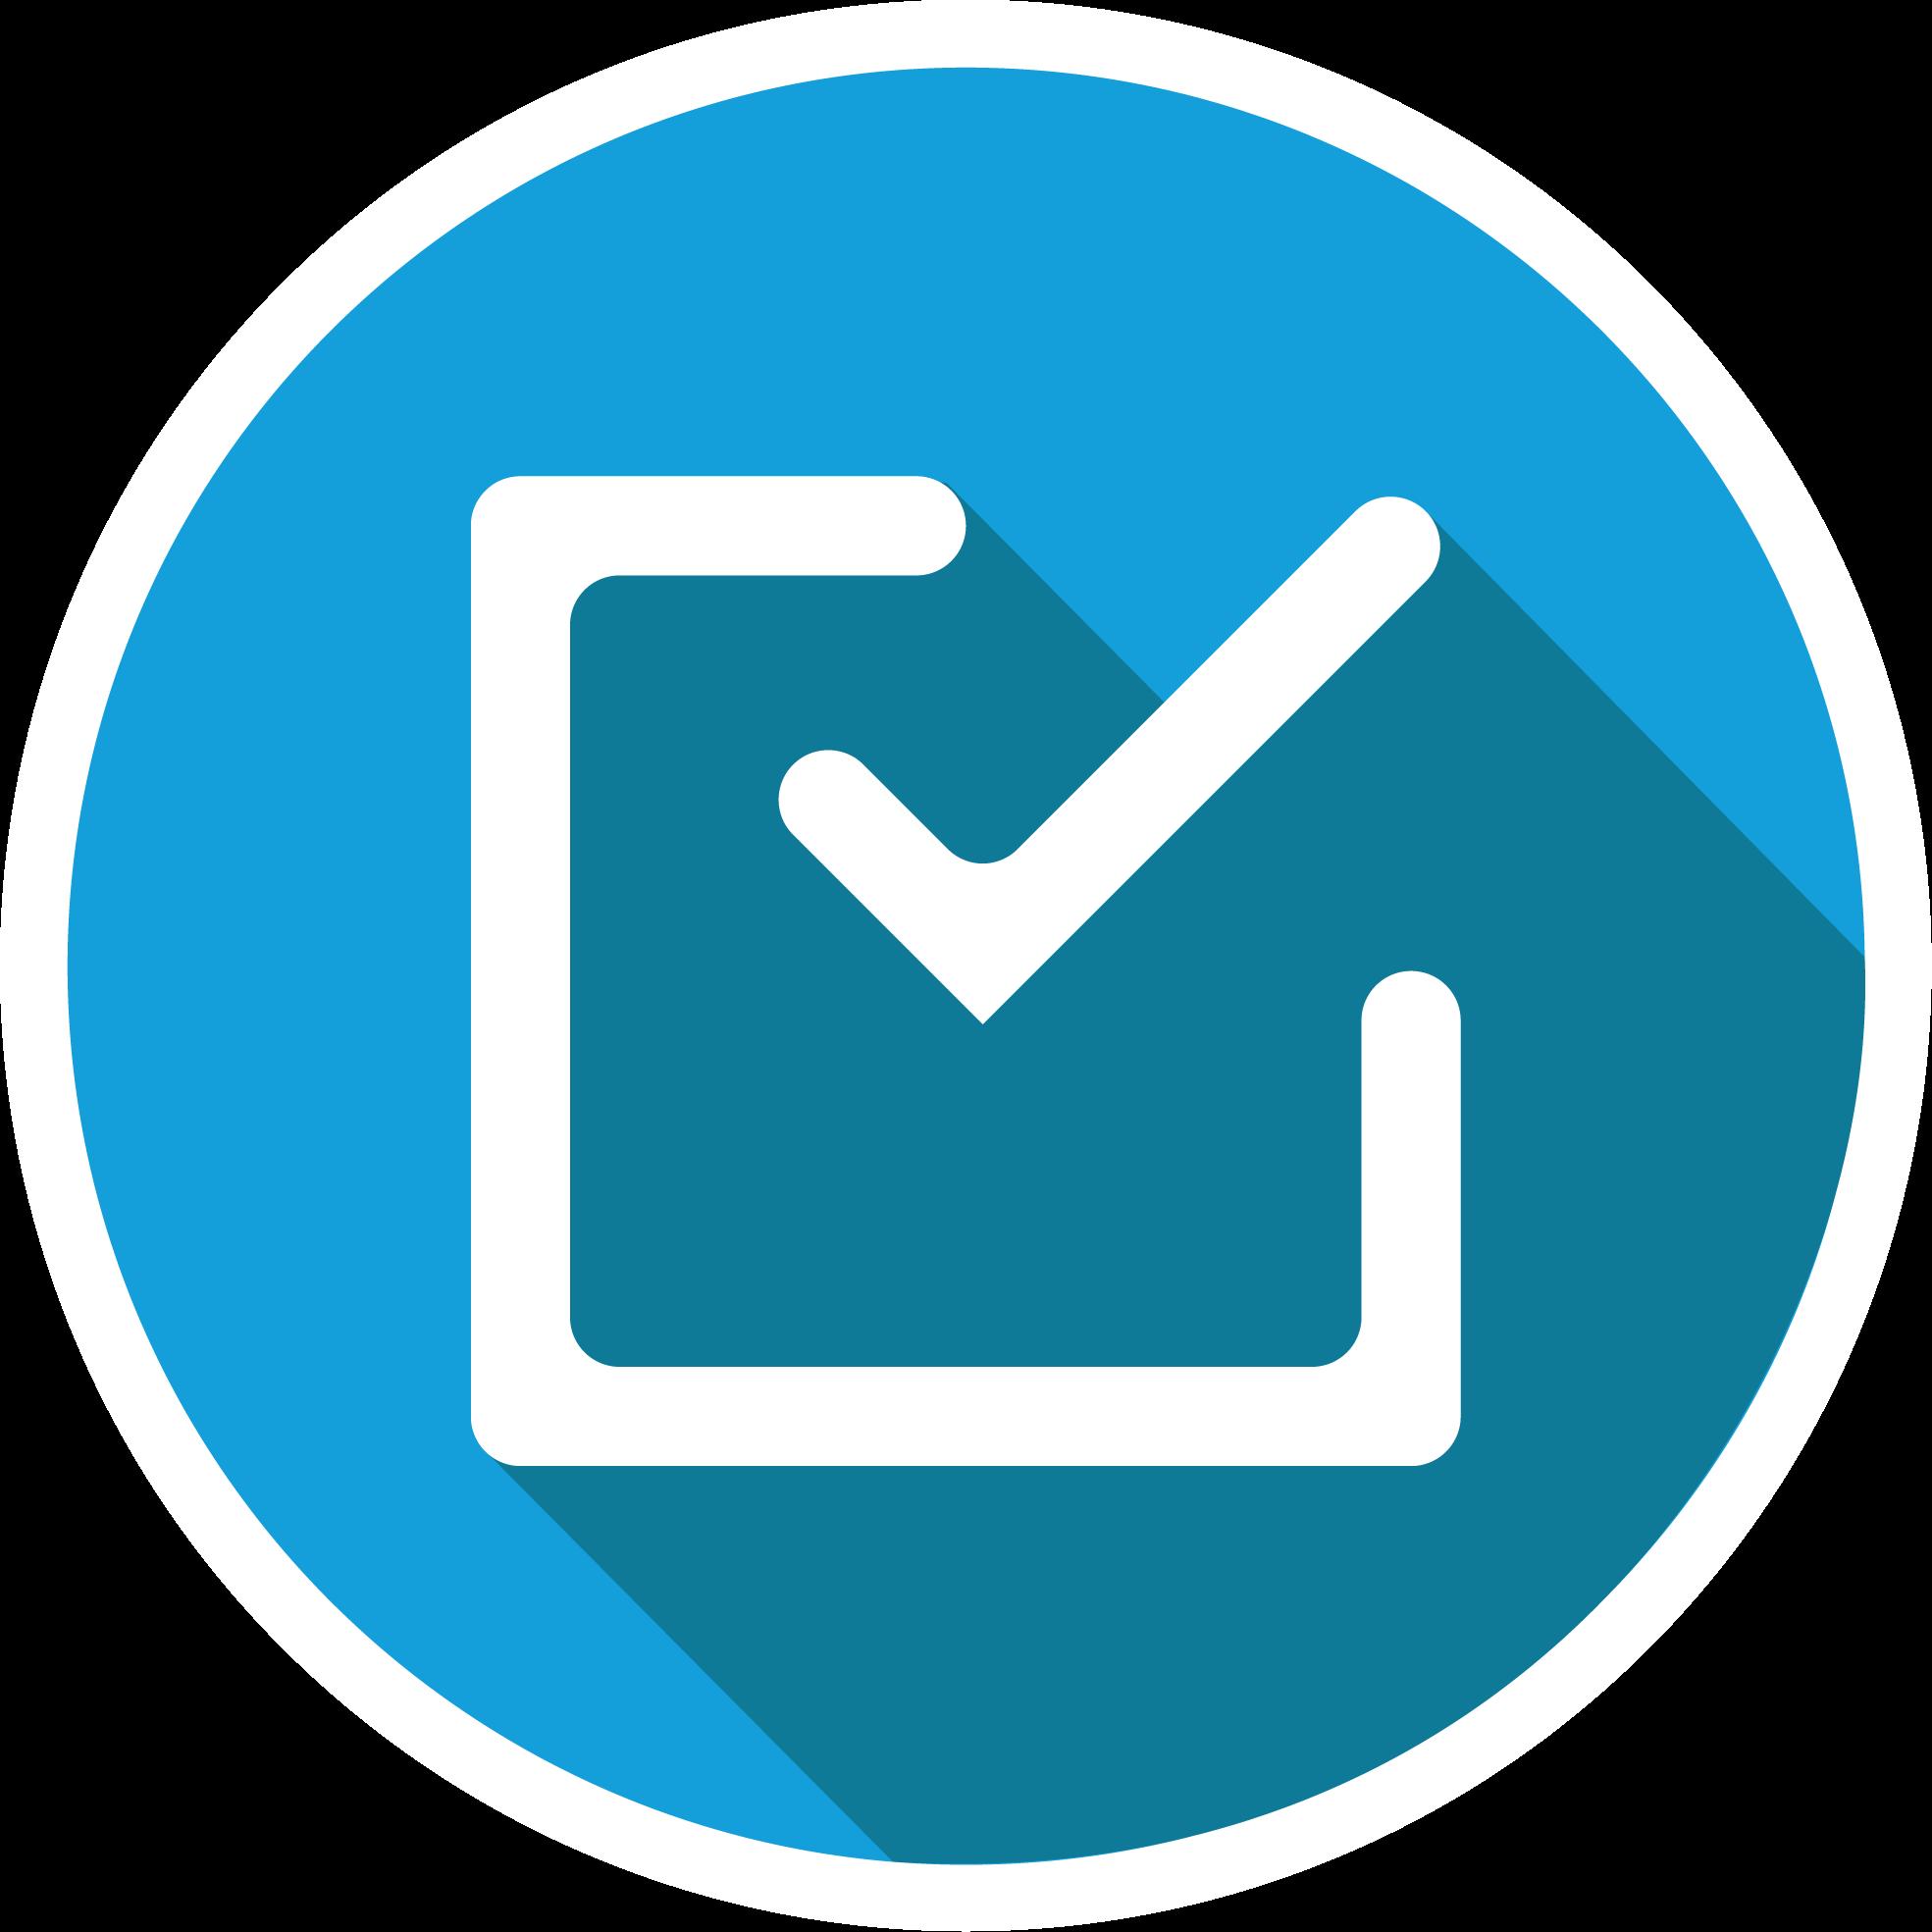 Assessment (tick)